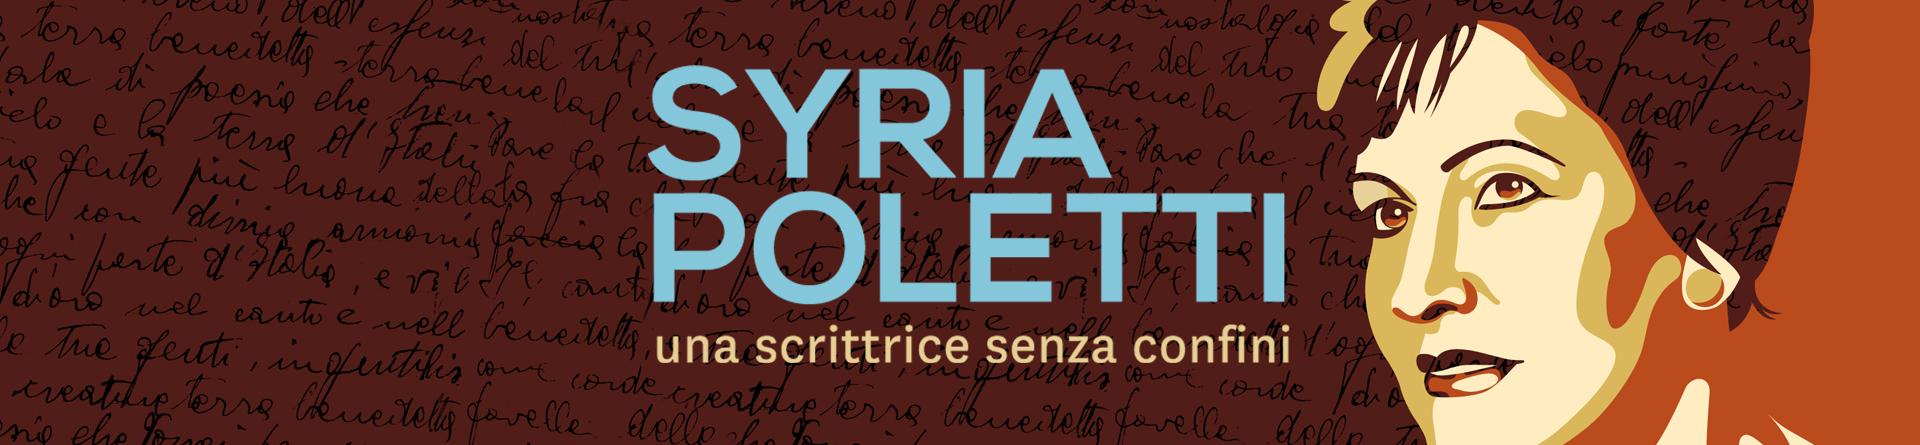 Syria Poletti - Città di Sacile